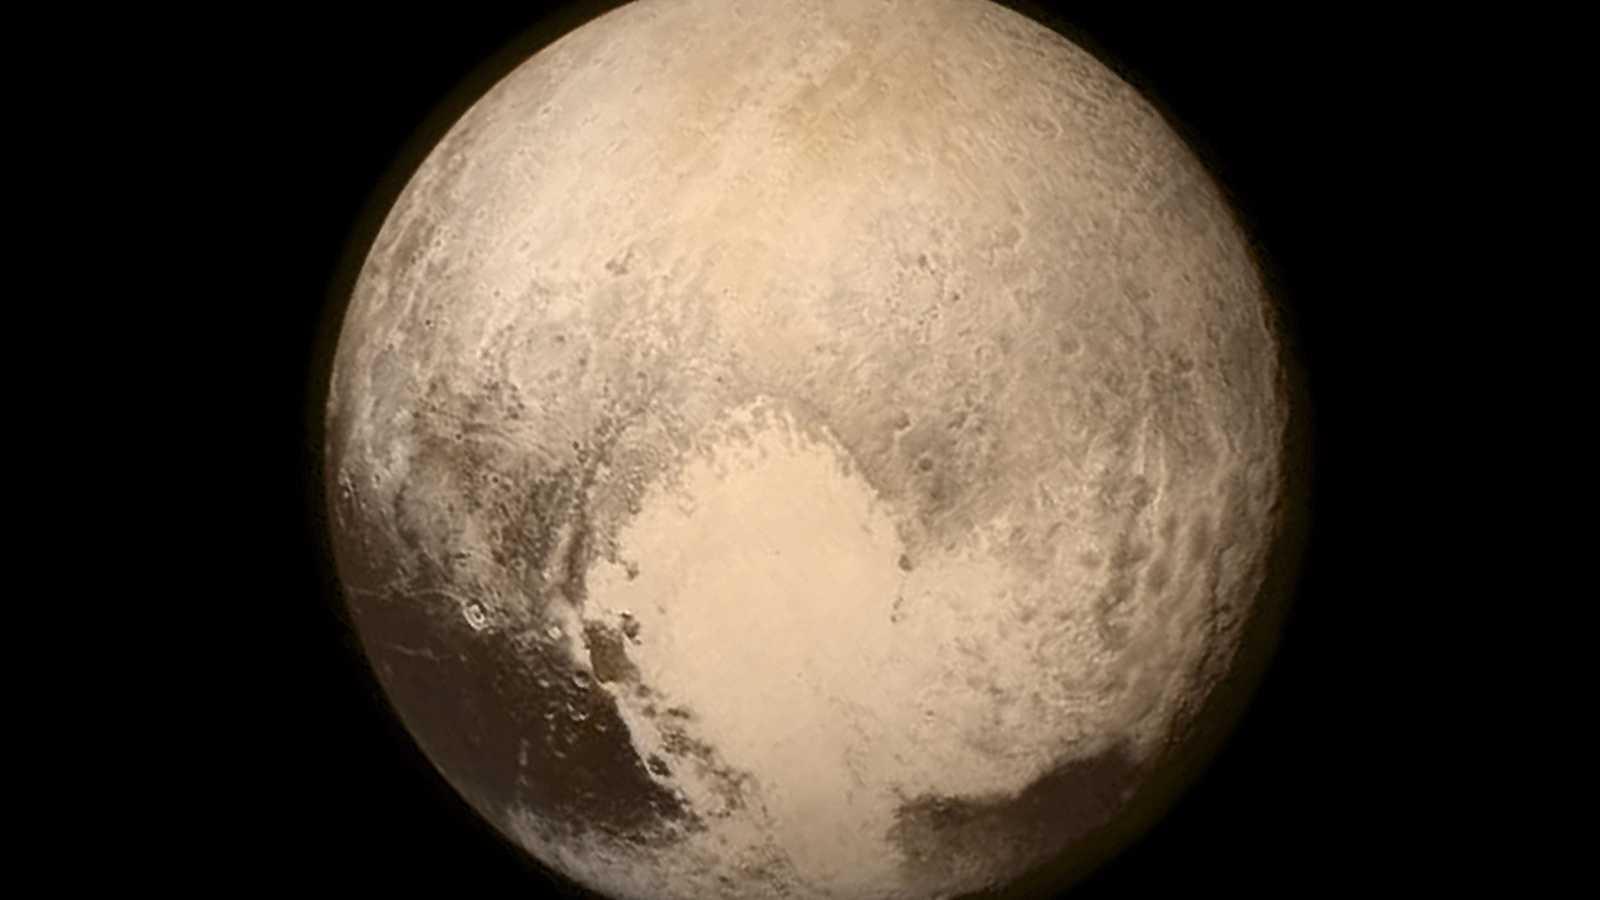 A hombros de gigantes - Plutón deja de ser el gran desconocido: la sonda New Horizons desvela los misterios de este planeta enano - 20/07/15 - Escuchar ahora